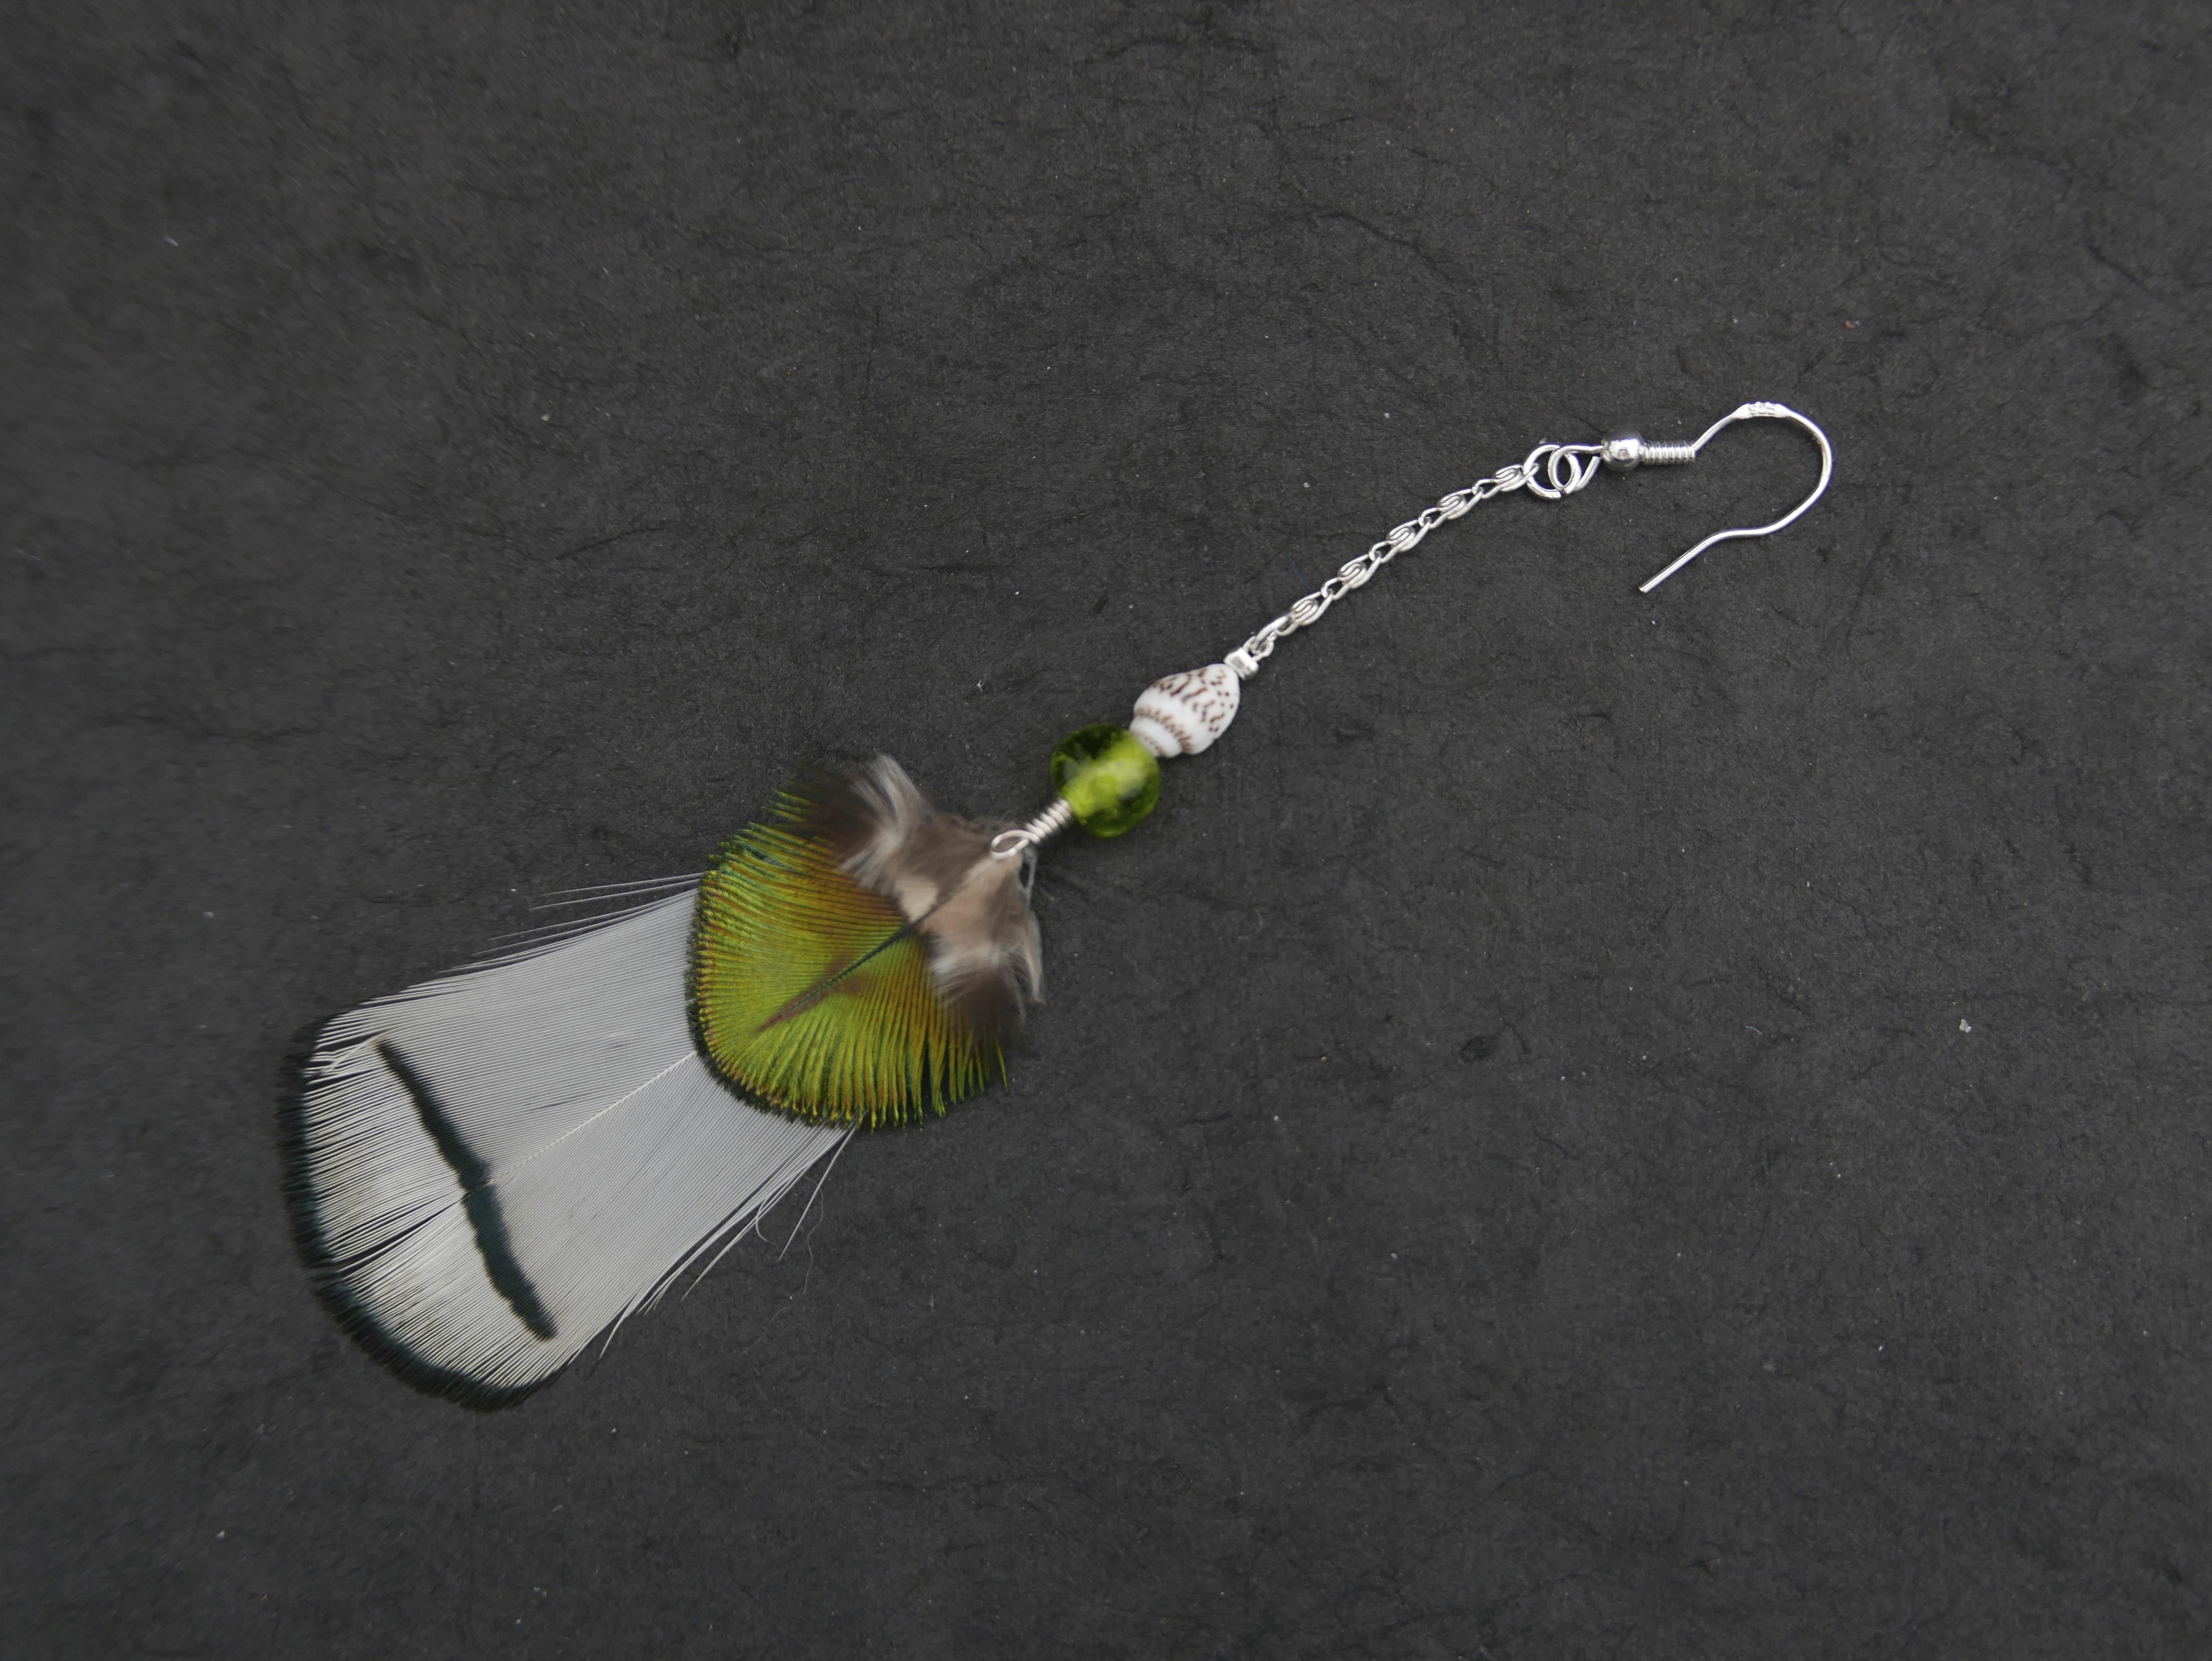 Bijoux-plumes/boucle d'oreille simpl